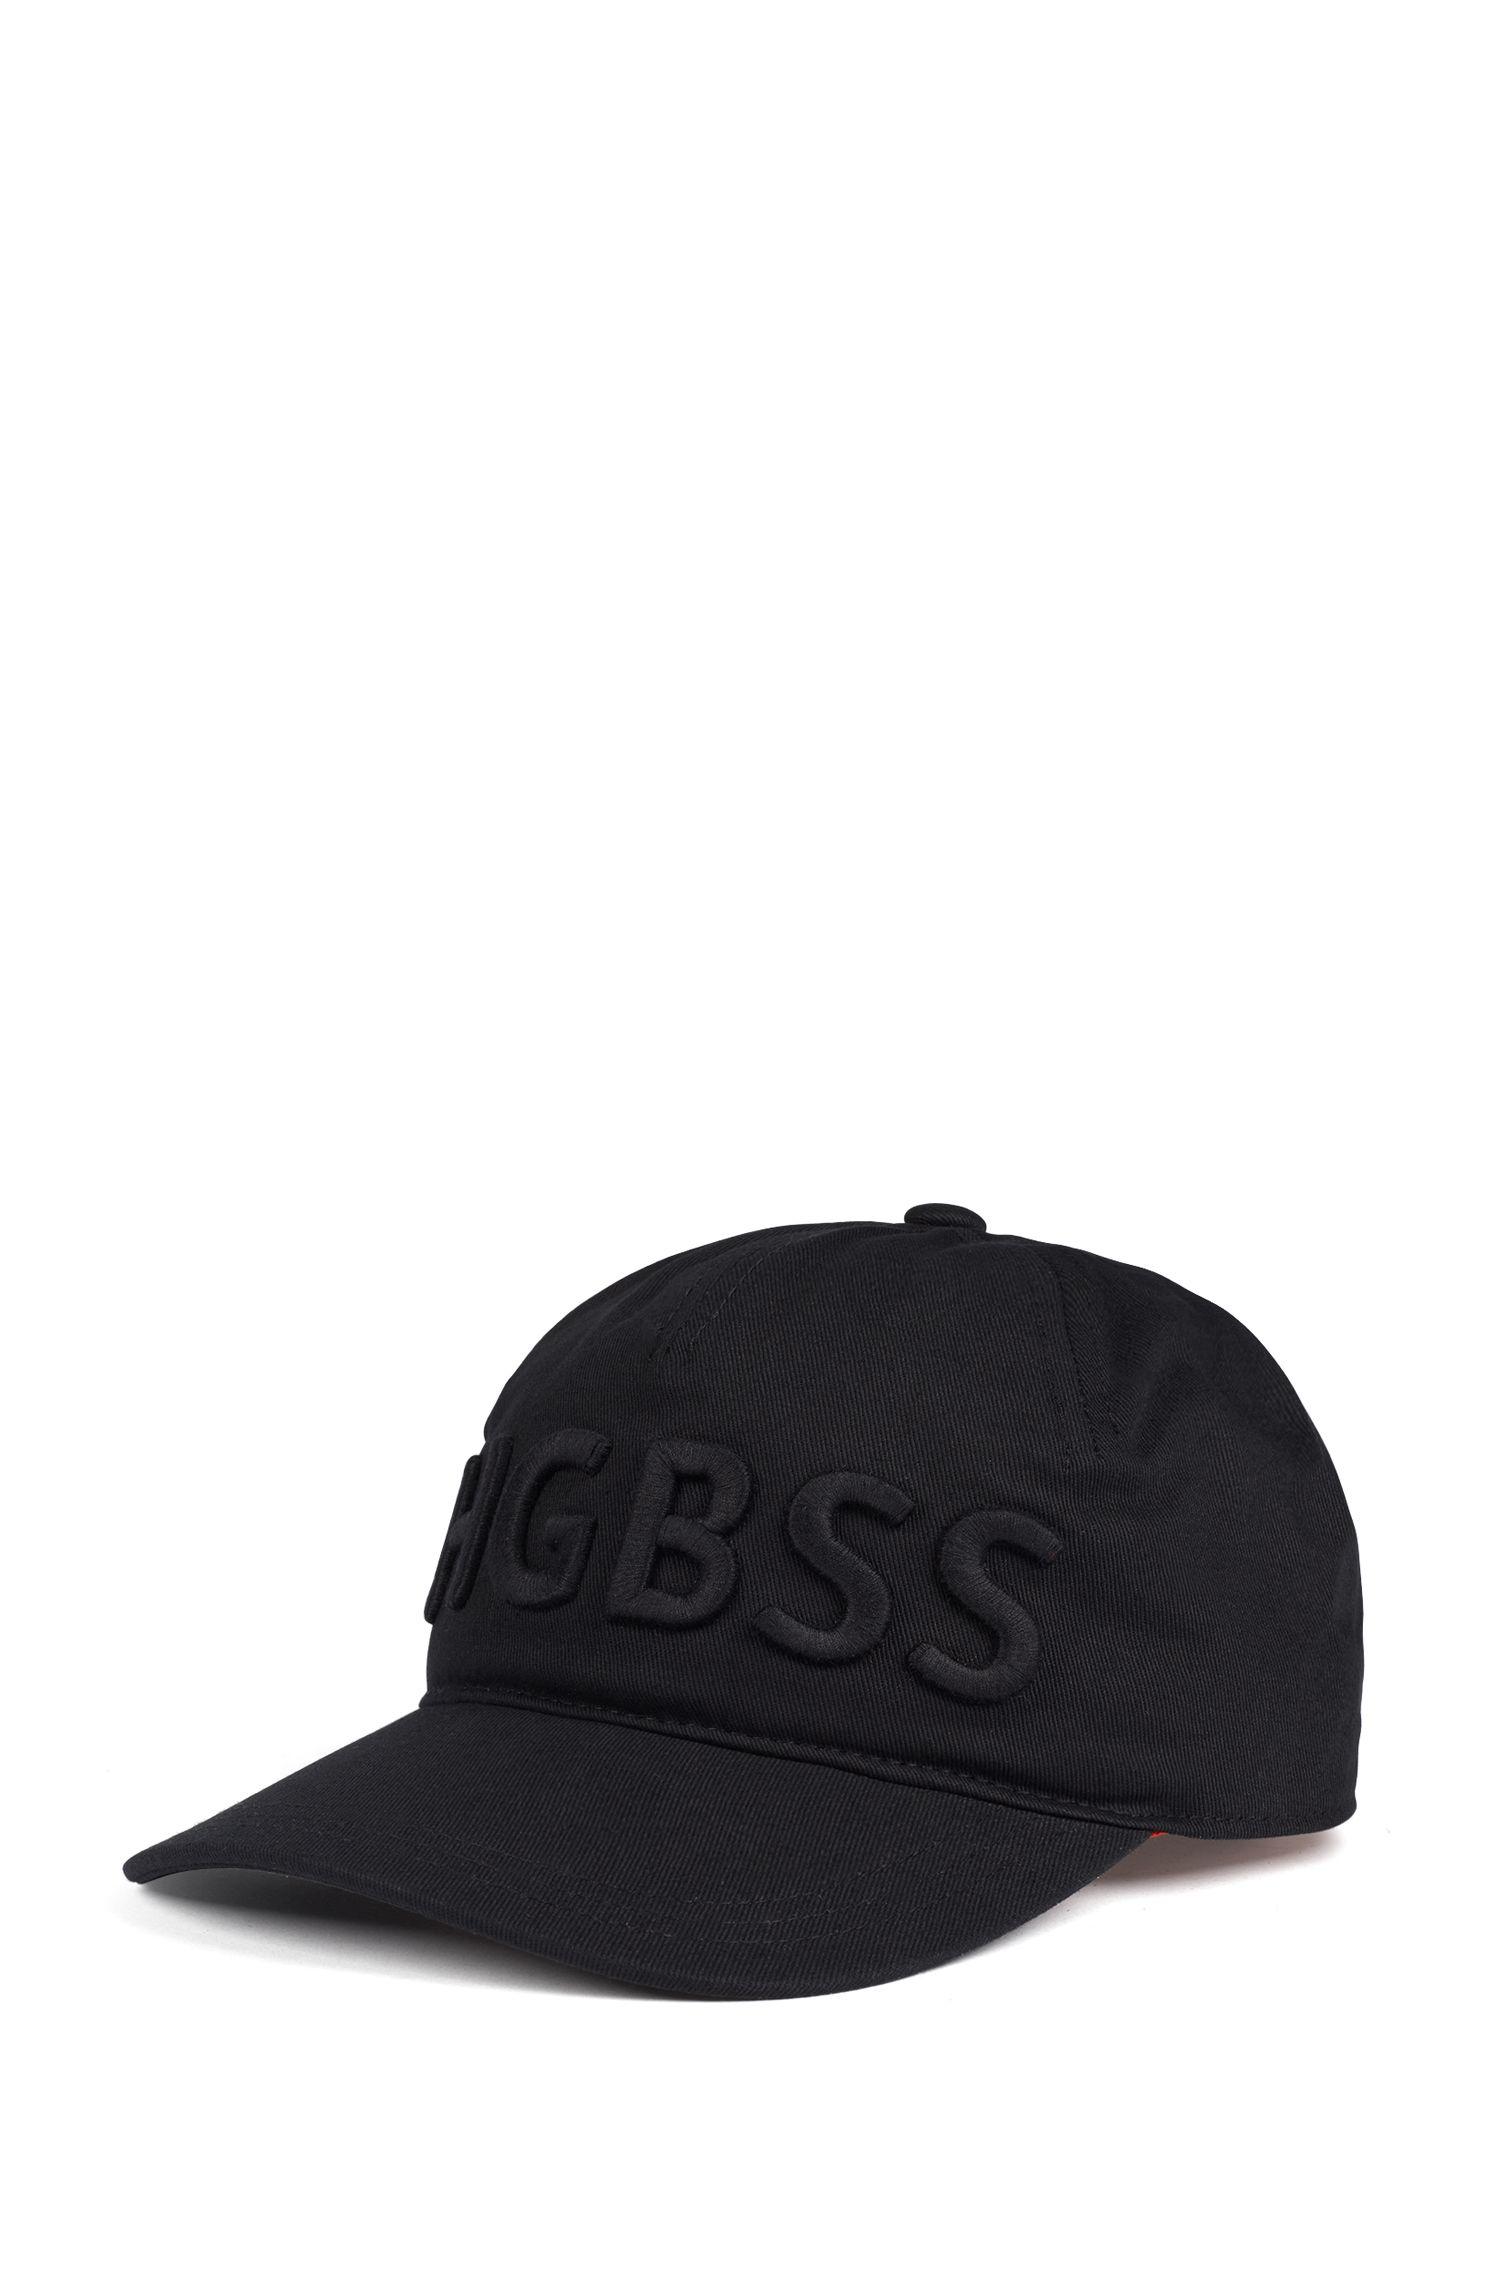 Statement-Cap aus Baumwoll-Twill mit Logo-Schriftzug, Schwarz